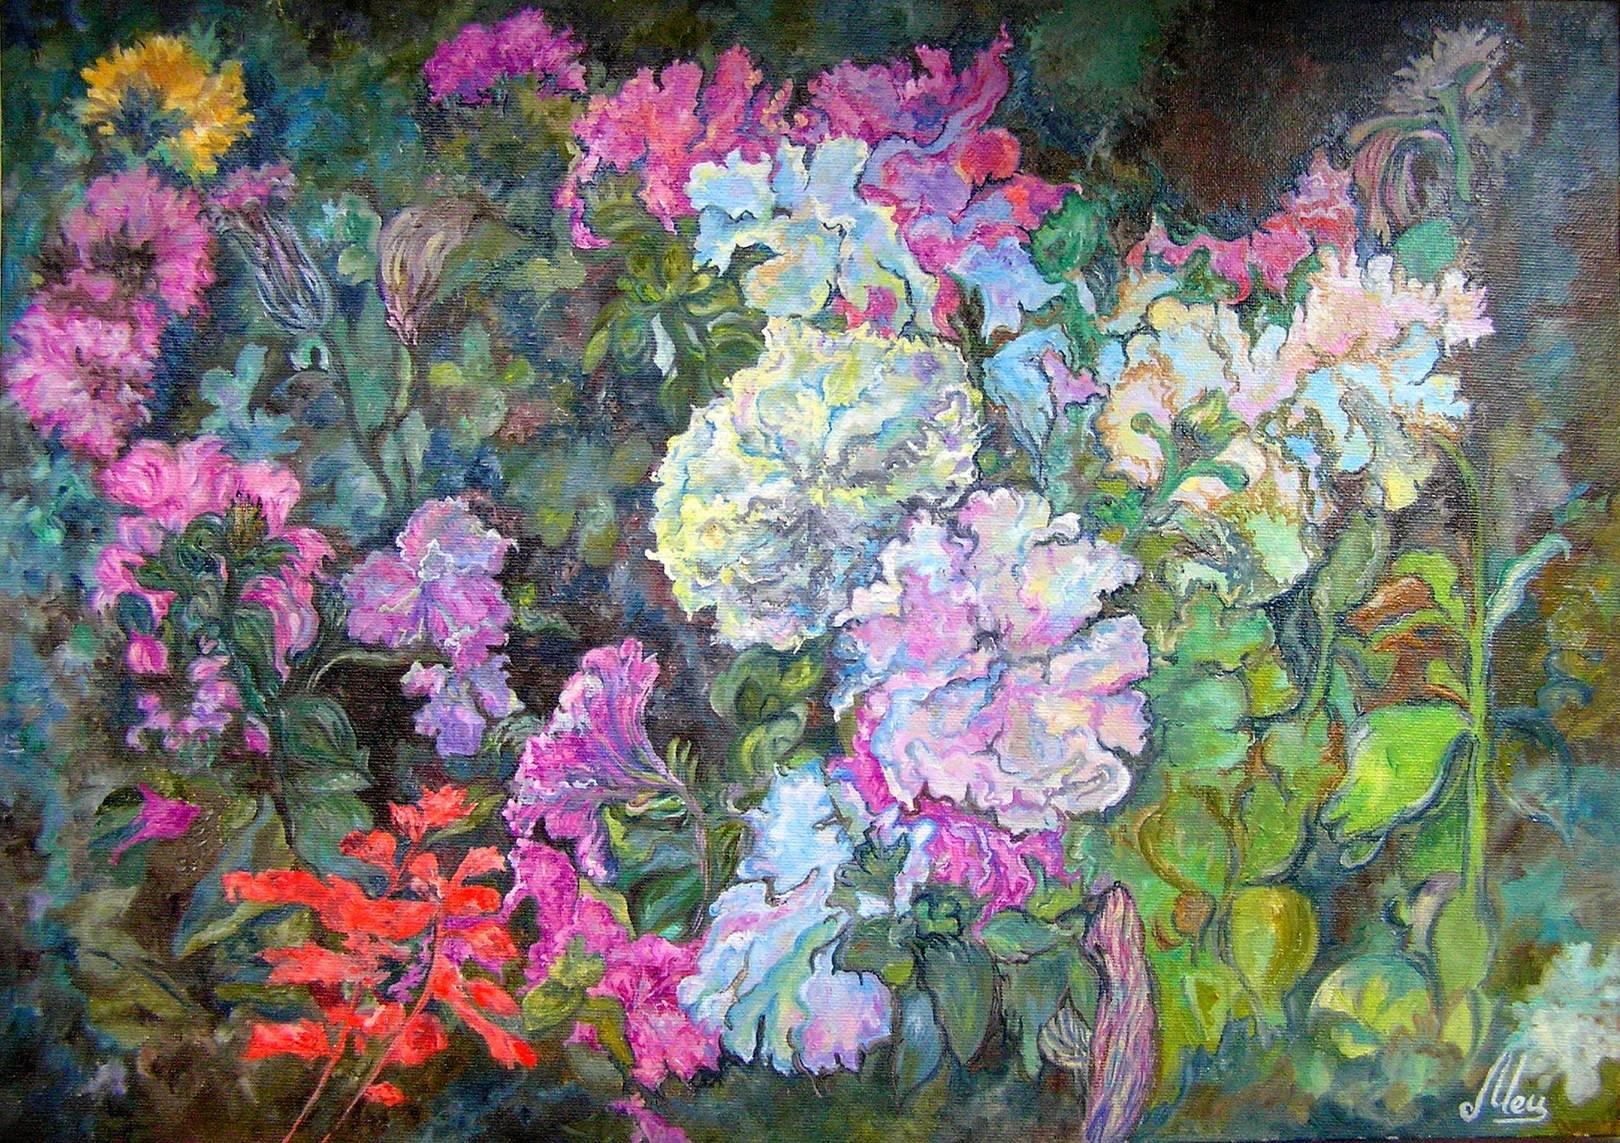 Цветы, холст, масло, 35*50, 2012 г